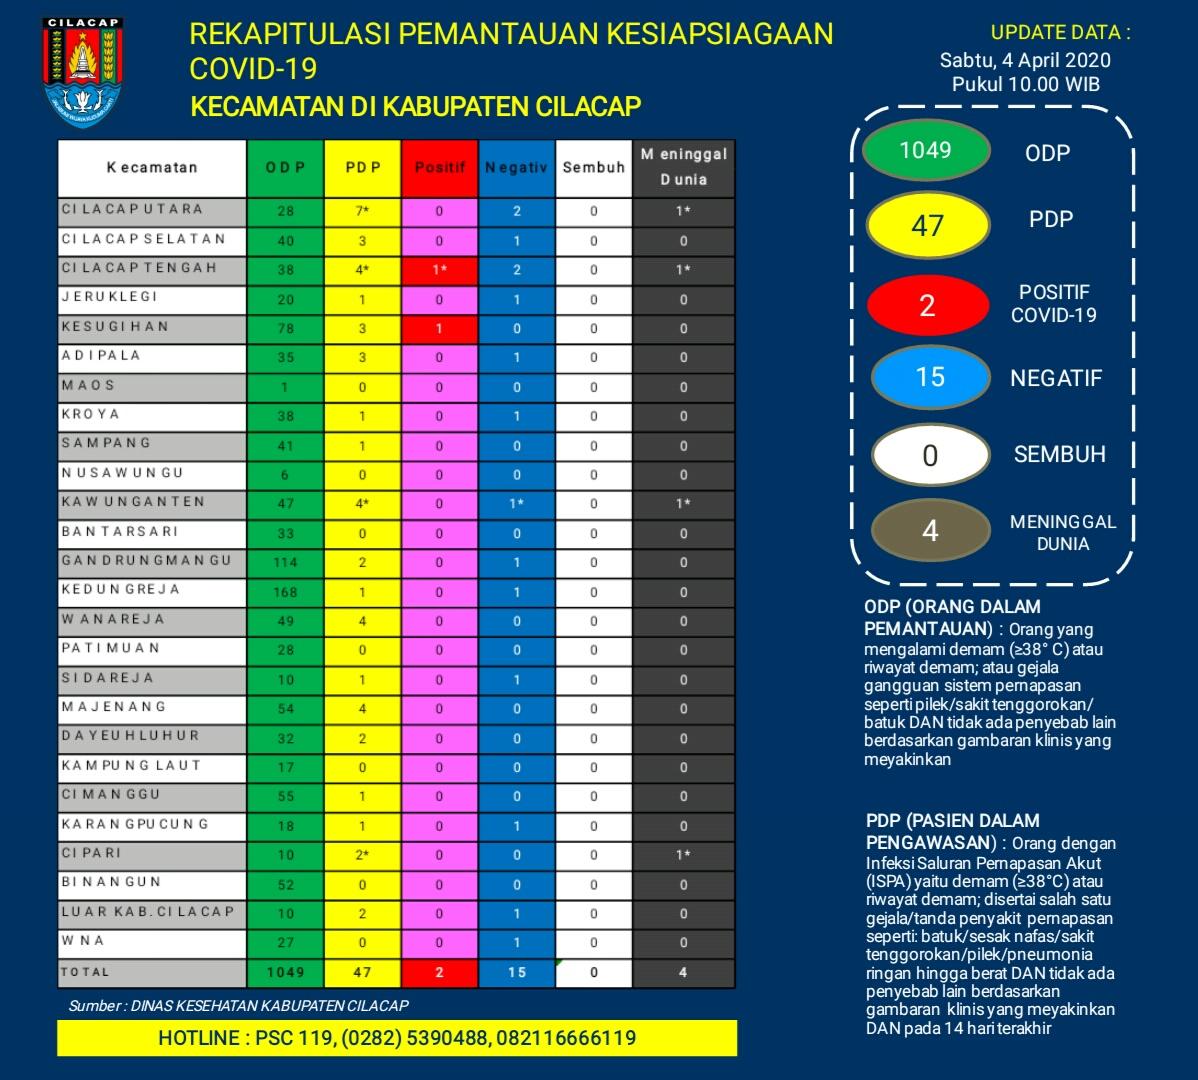 Rekapitulasi Pemantauan Kesiapsiagaan COVID-19 Kecamatan di Kabupaten Cilacap, 4 April 2020